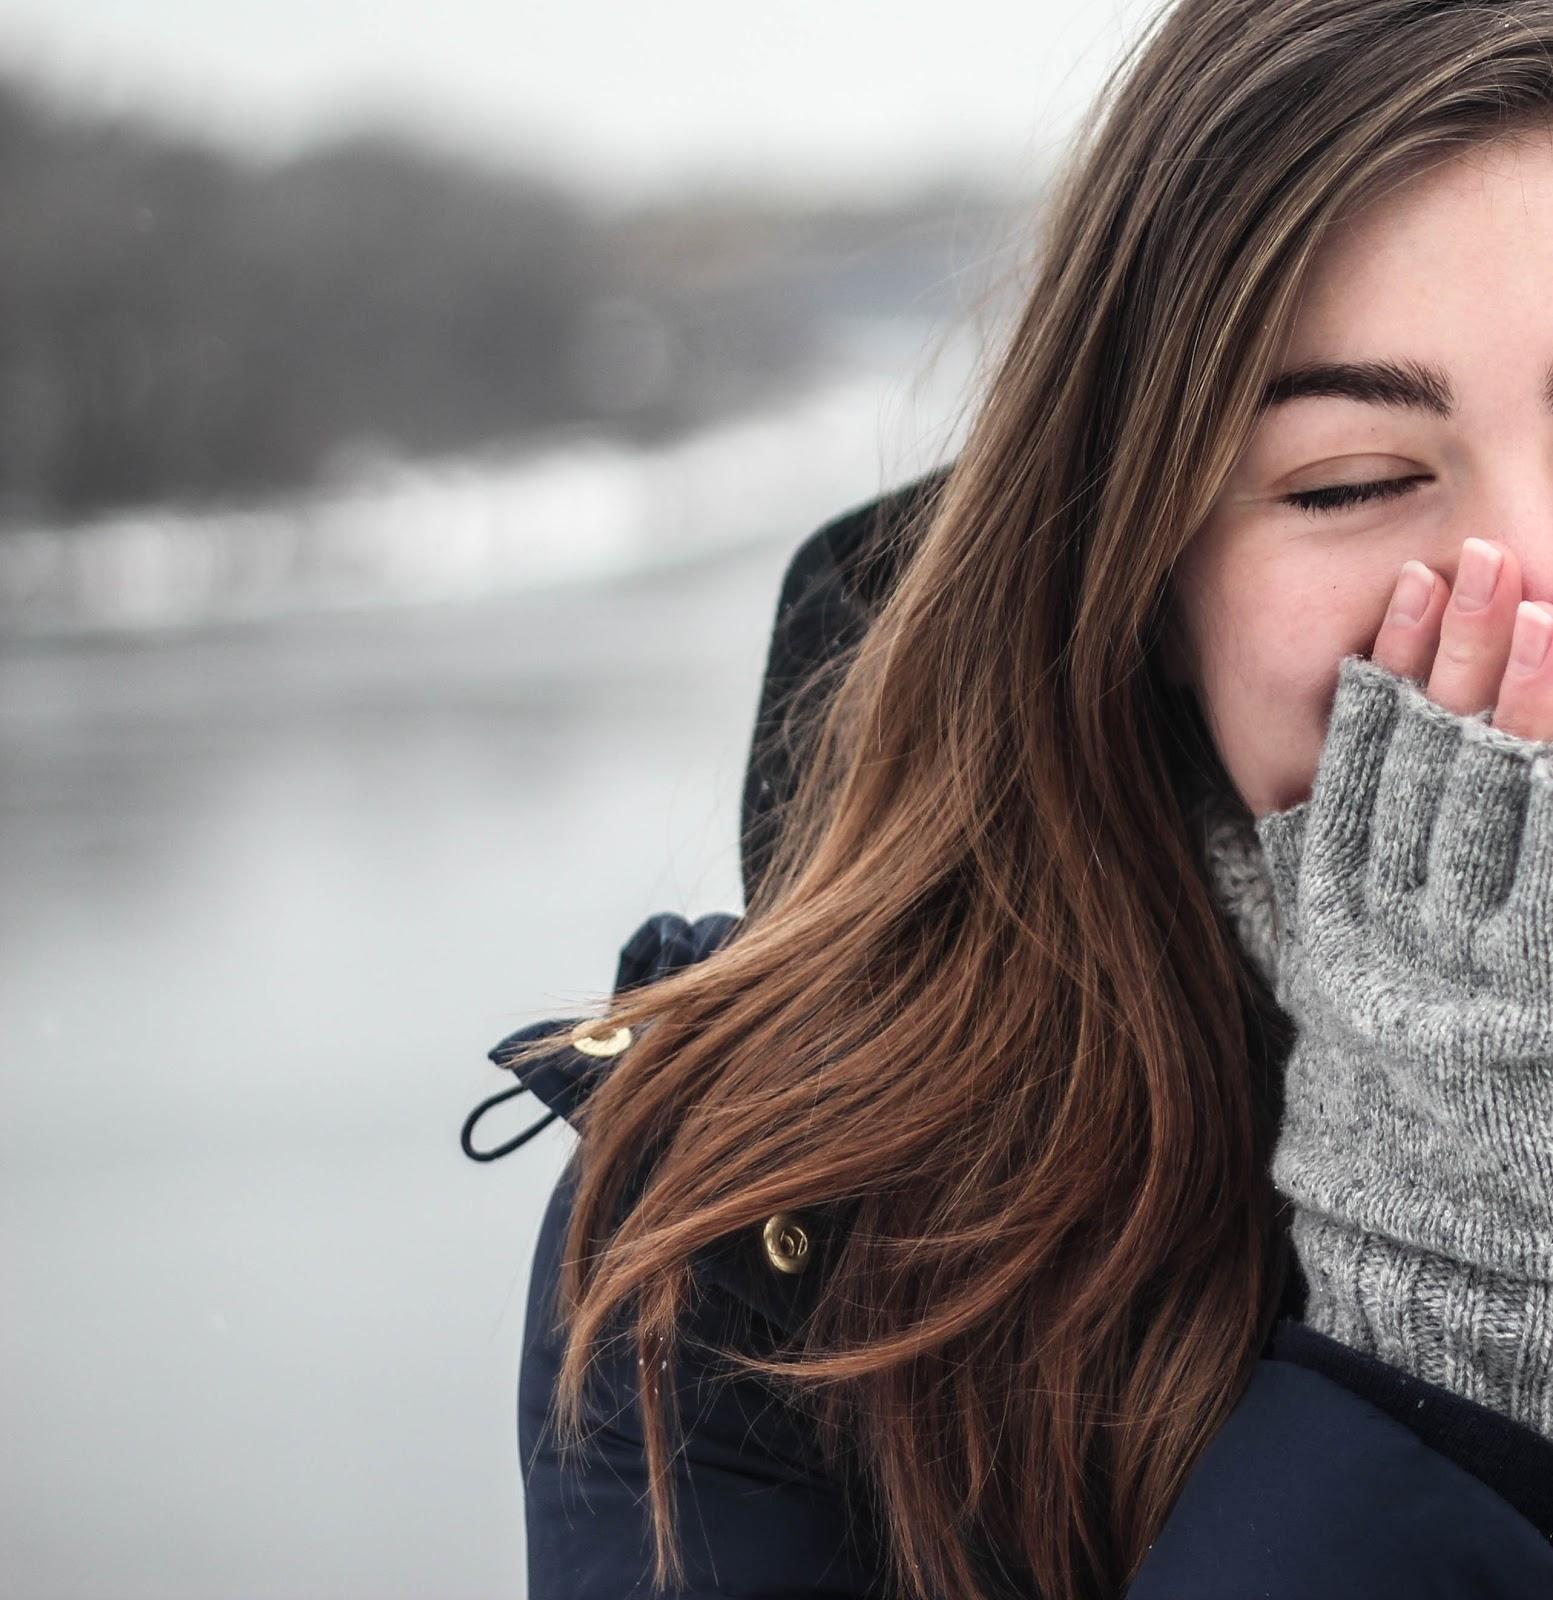 手で口を覆った笑顔の女性